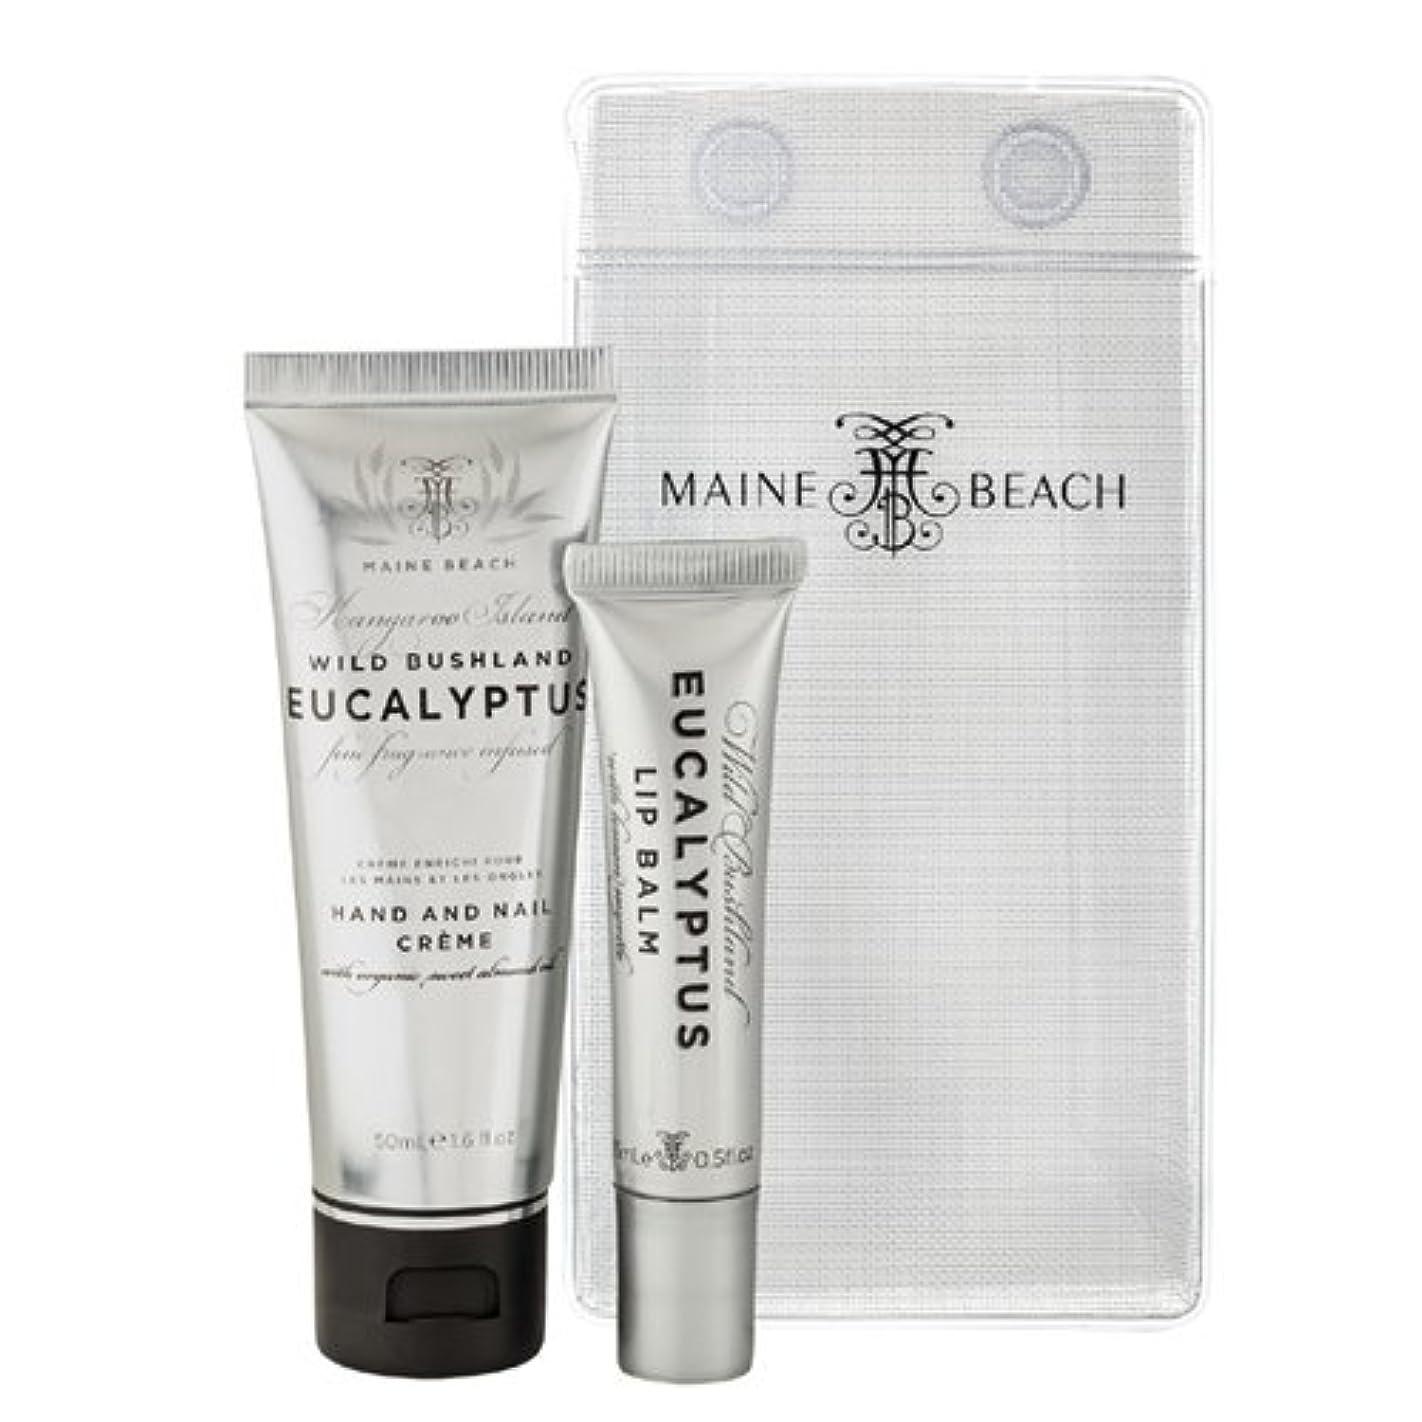 ワックスいらいらさせるお酢MAINE BEACH マインビーチ Eucalyptus Series Essentials DUO Pack